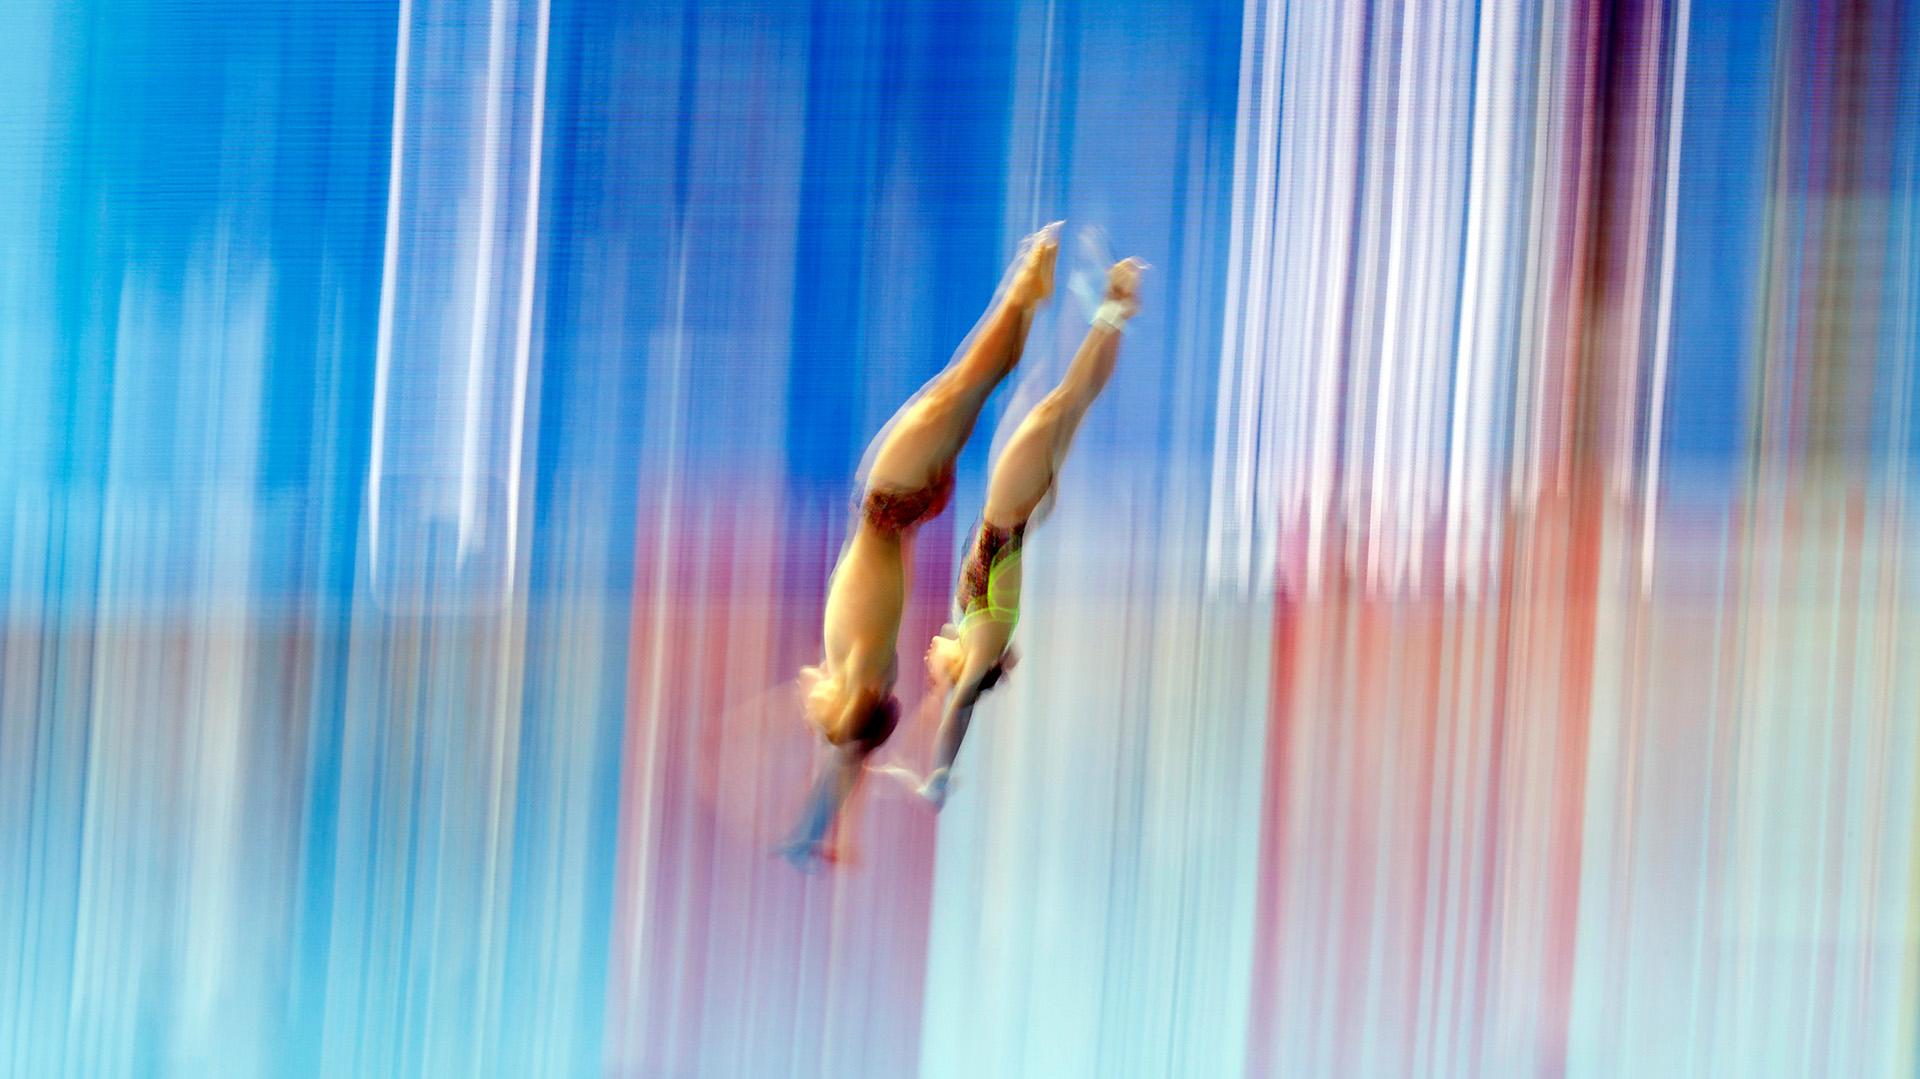 El salto de 10 metros de as surcoreanasKwon Ha-lim y Kim Ji-wook de Corea del Sur